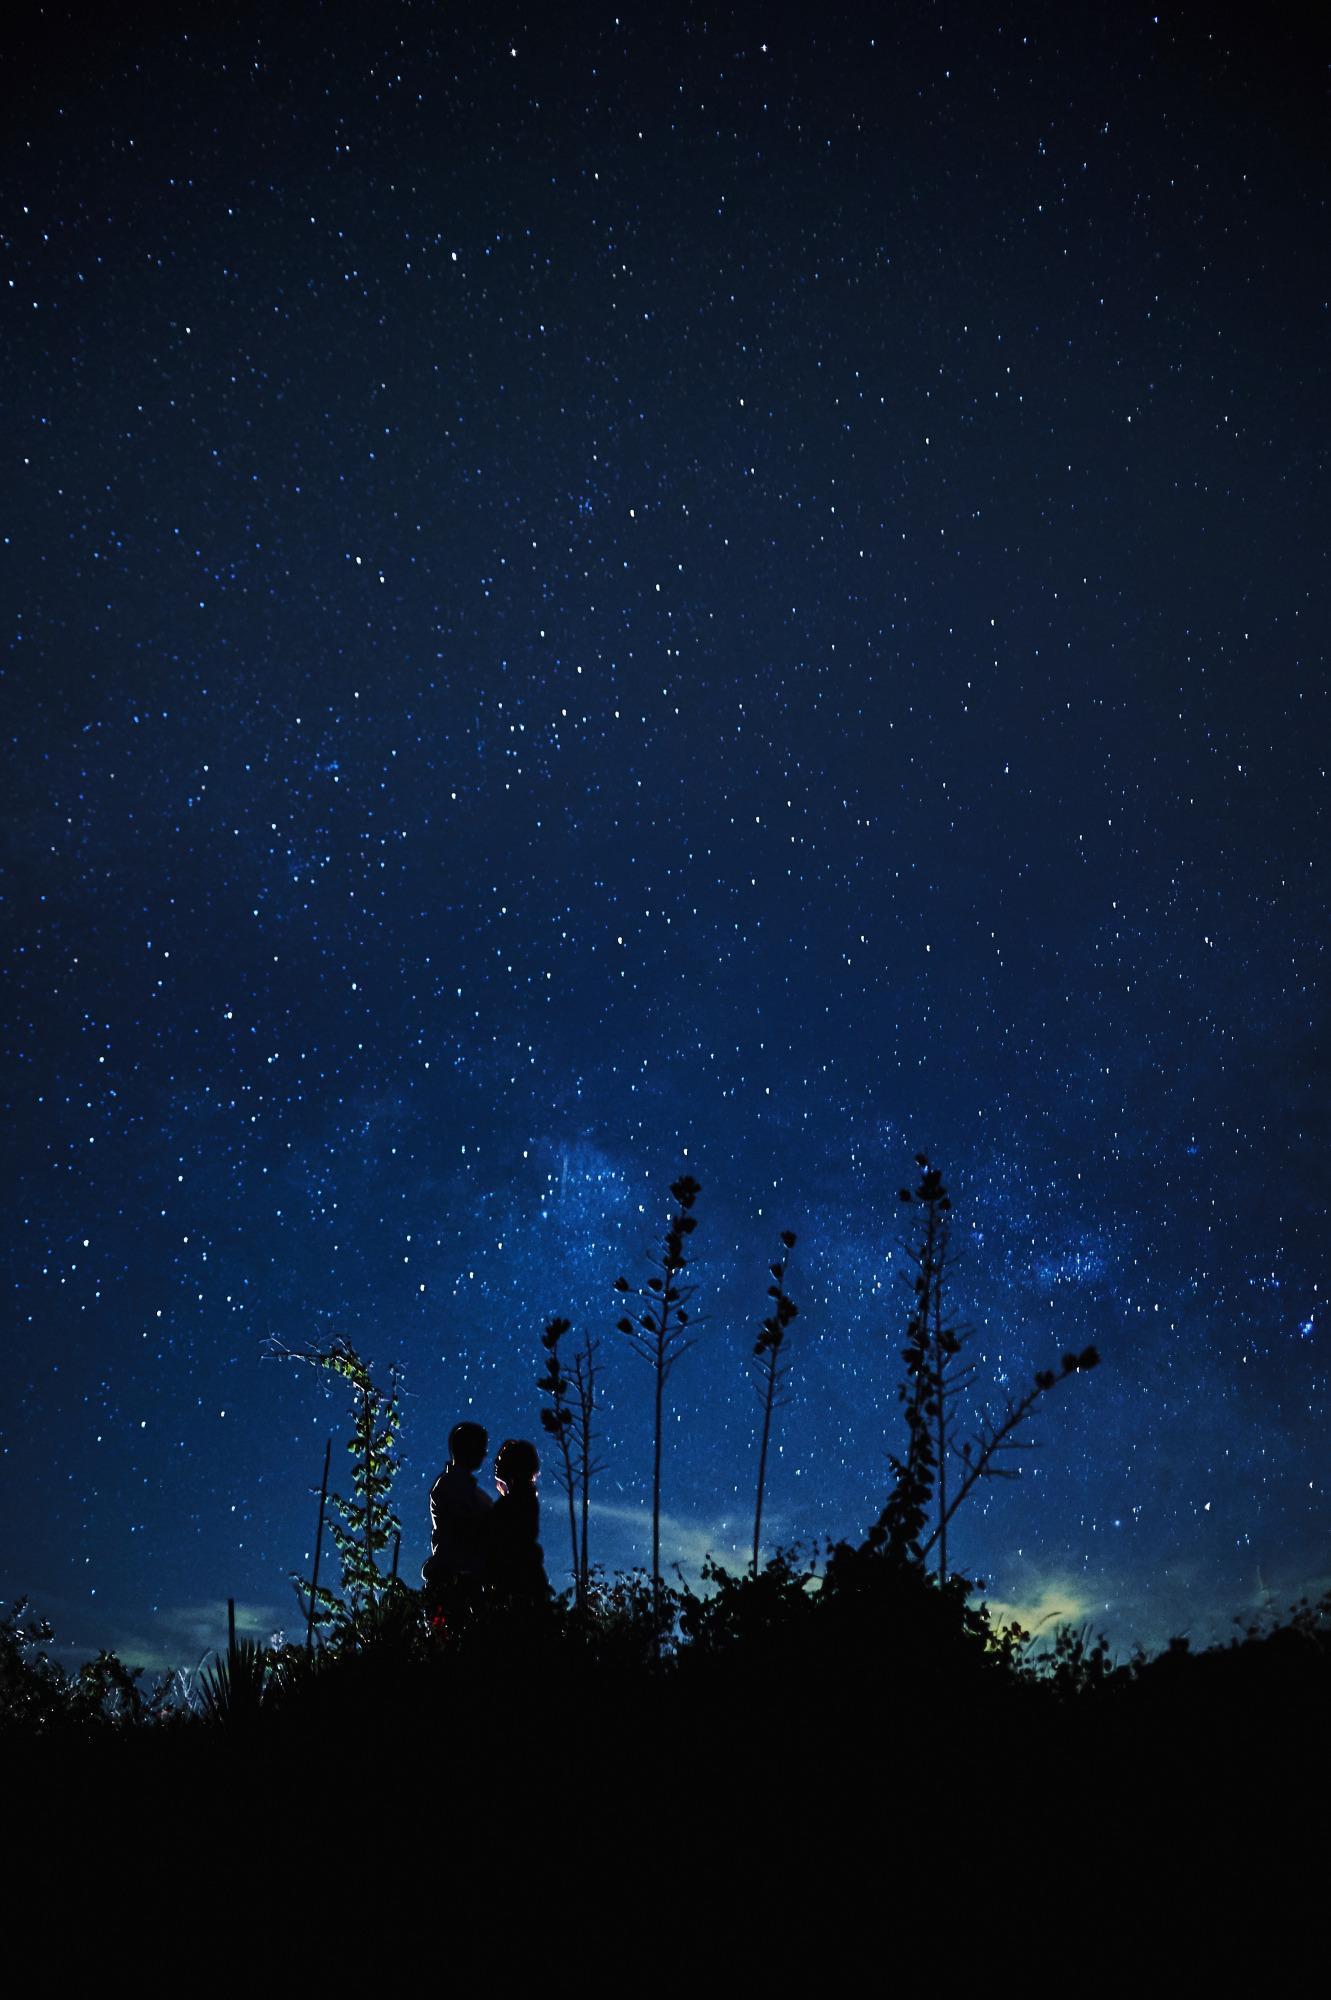 engagement-inks-lake-sunset-stars-jason-and-shay-007